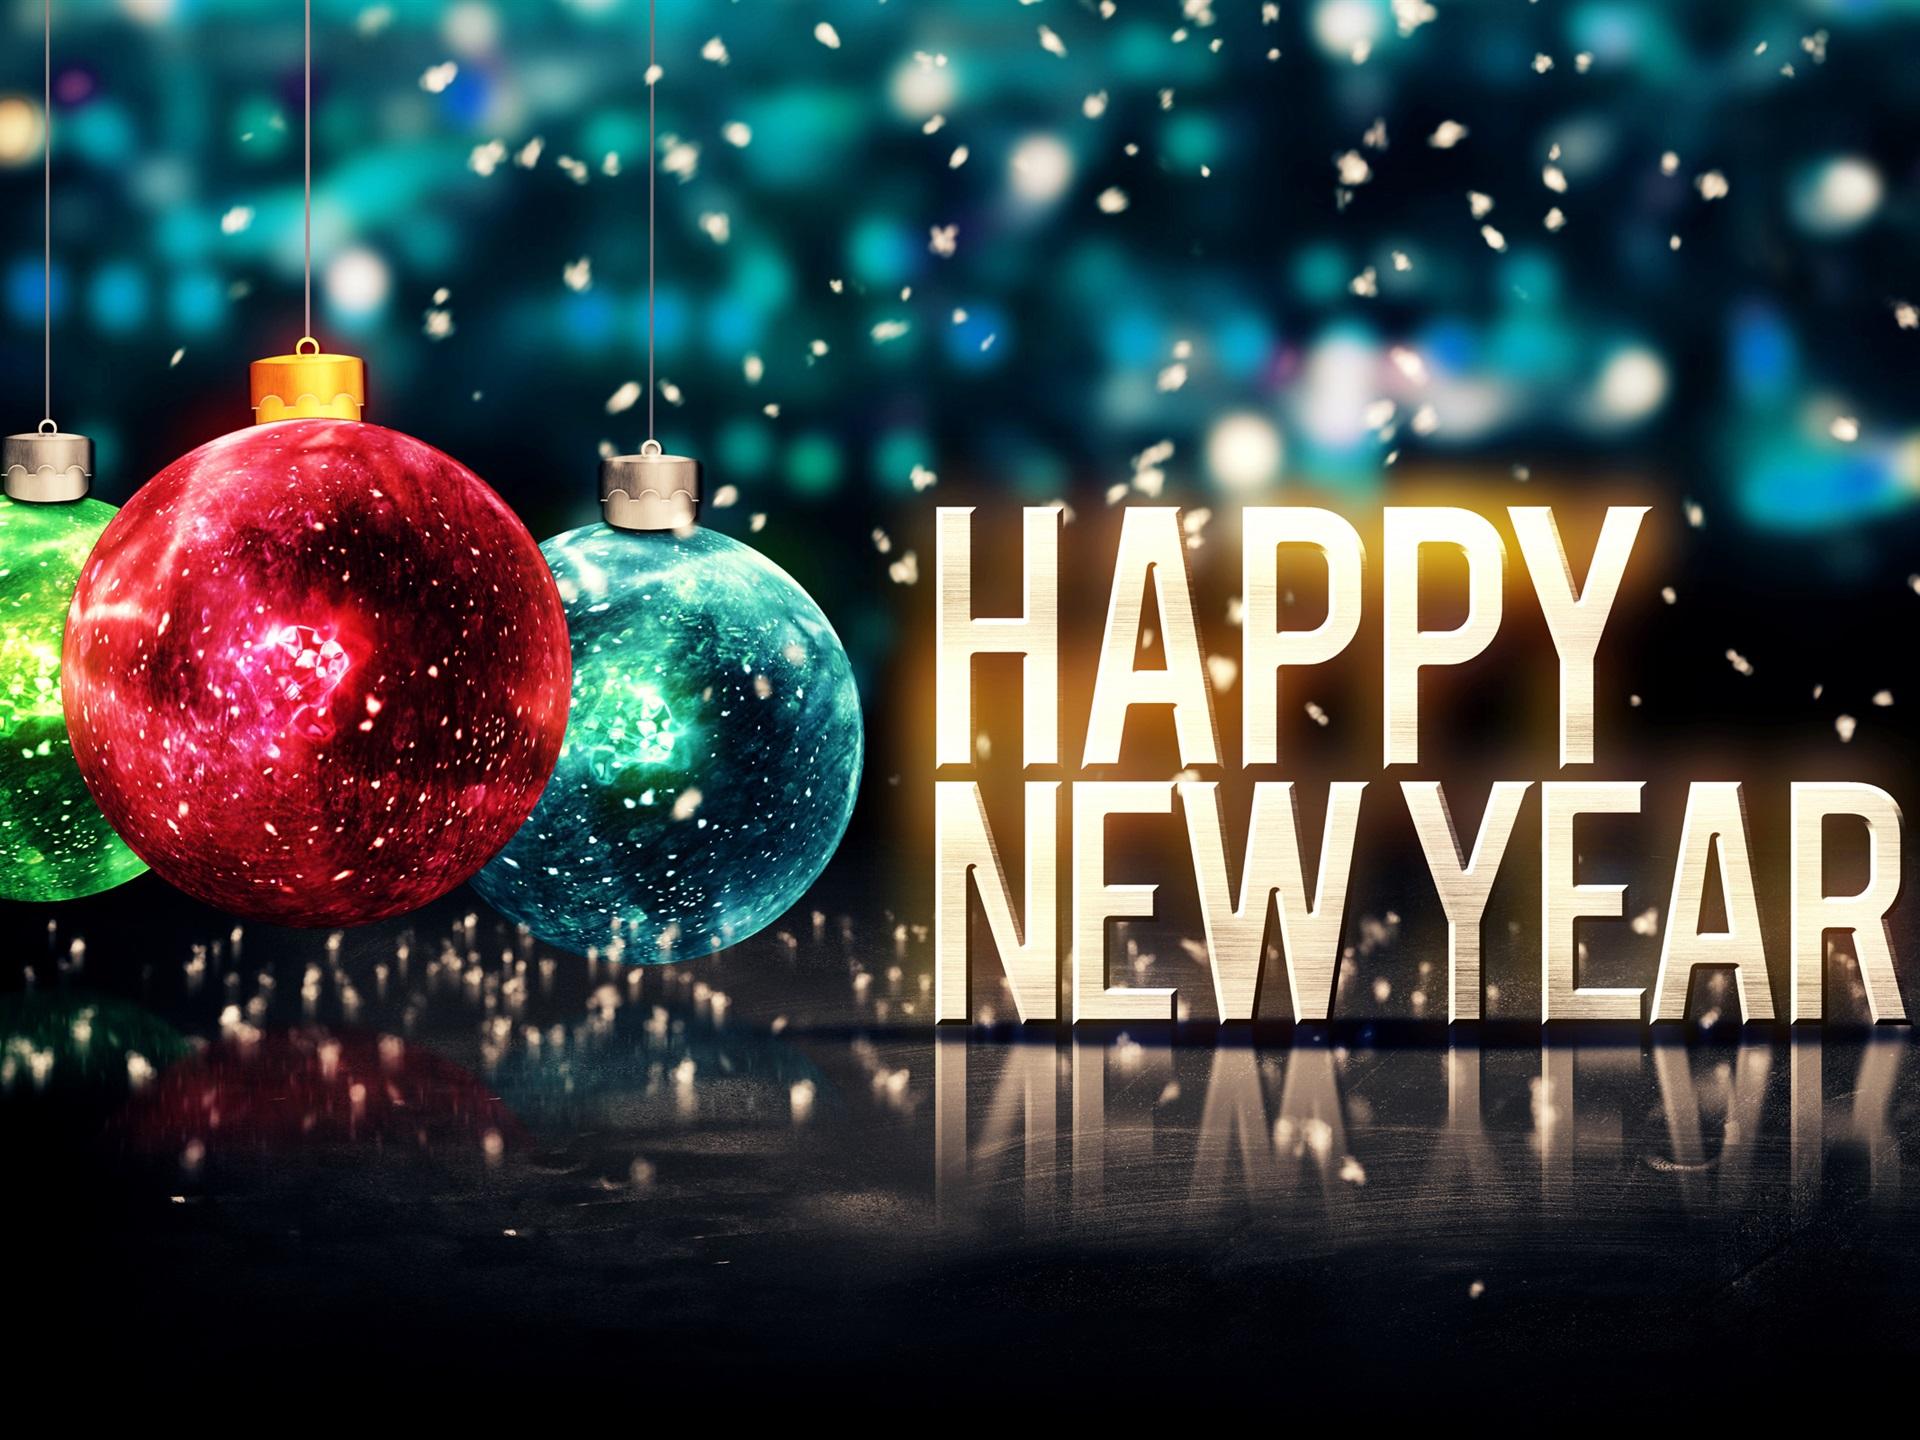 Как встретить новый 2018 год, чтобы сделать его удачным?